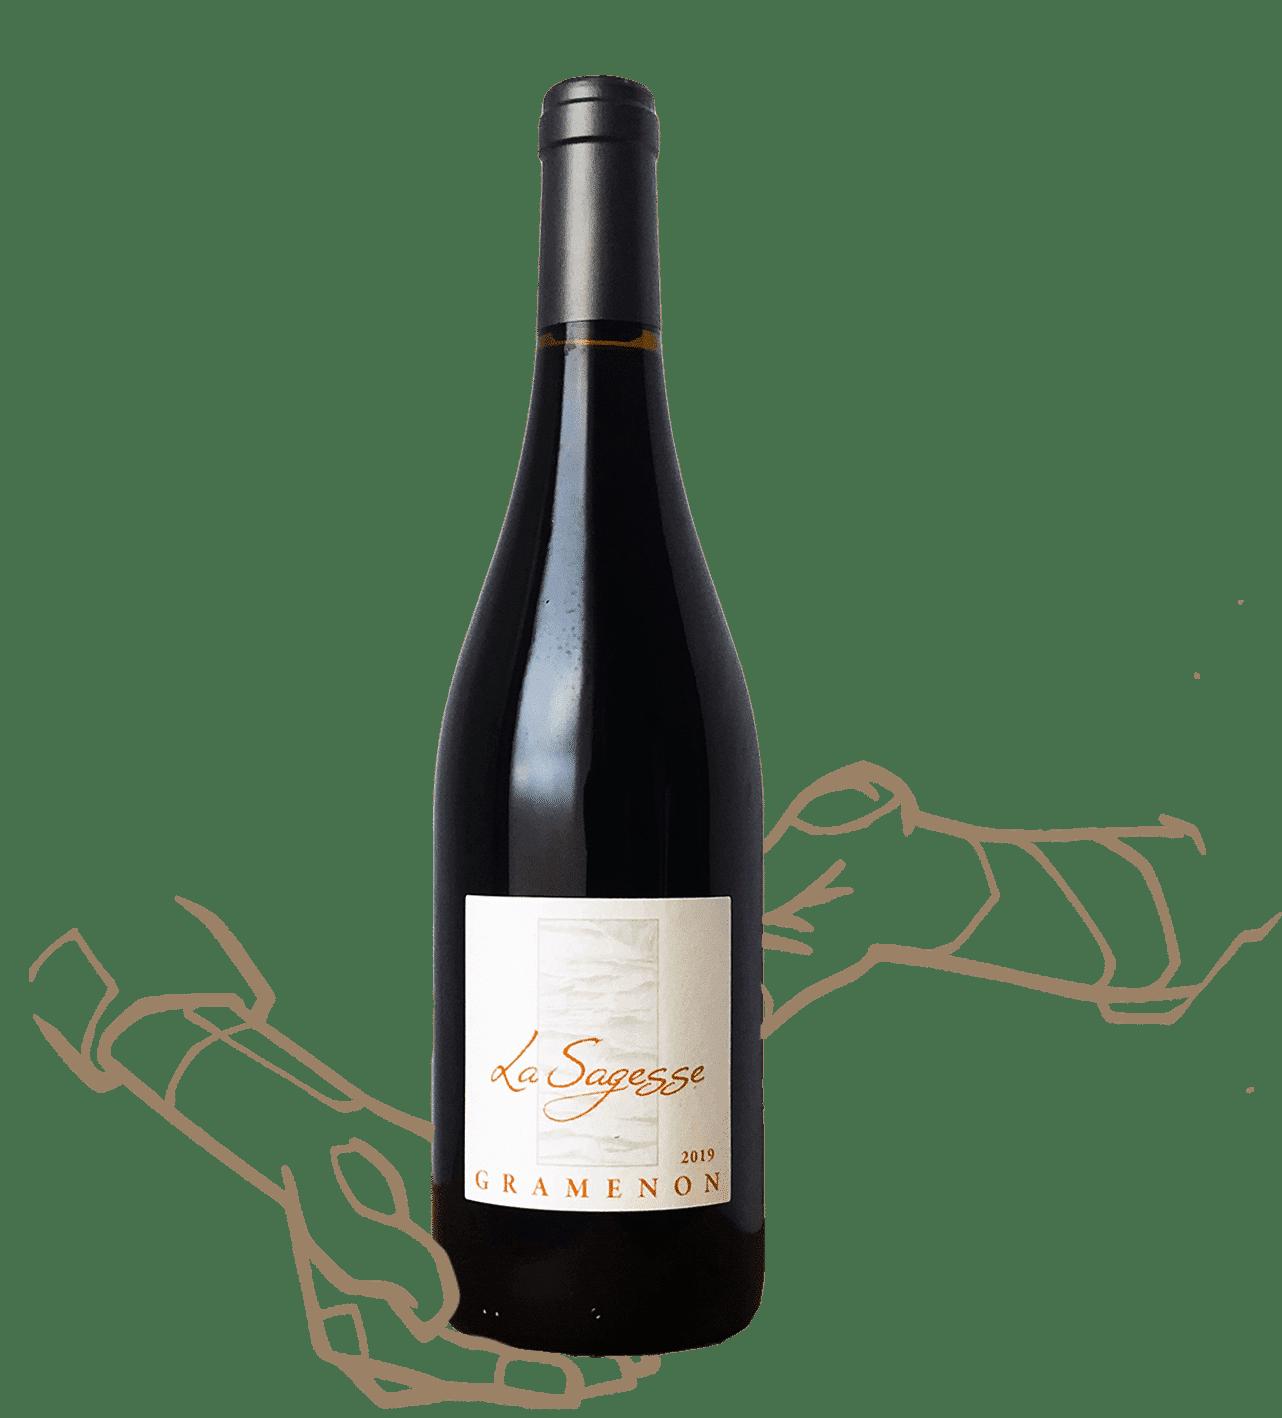 La sagesse du domaine de gramenon est un vin naturel